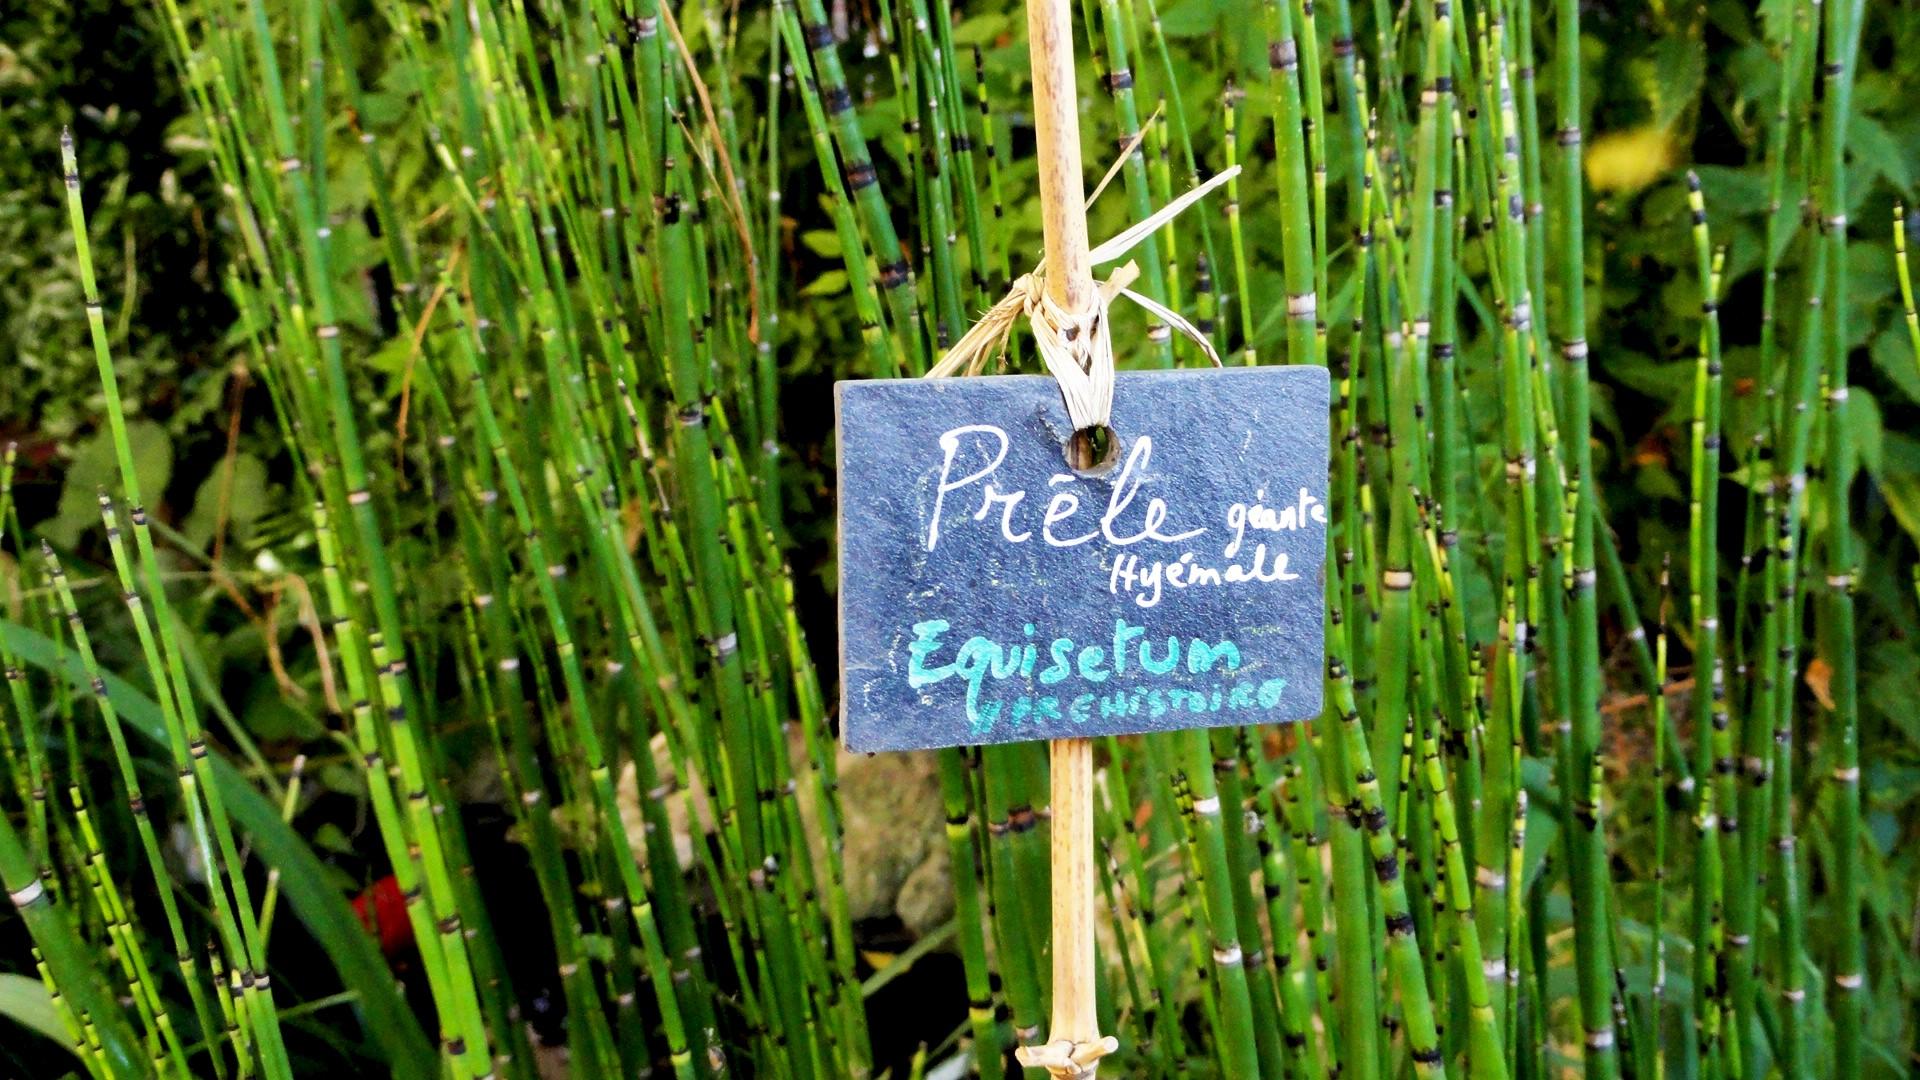 Jardin partagé Leroy Sème, Paris 20e